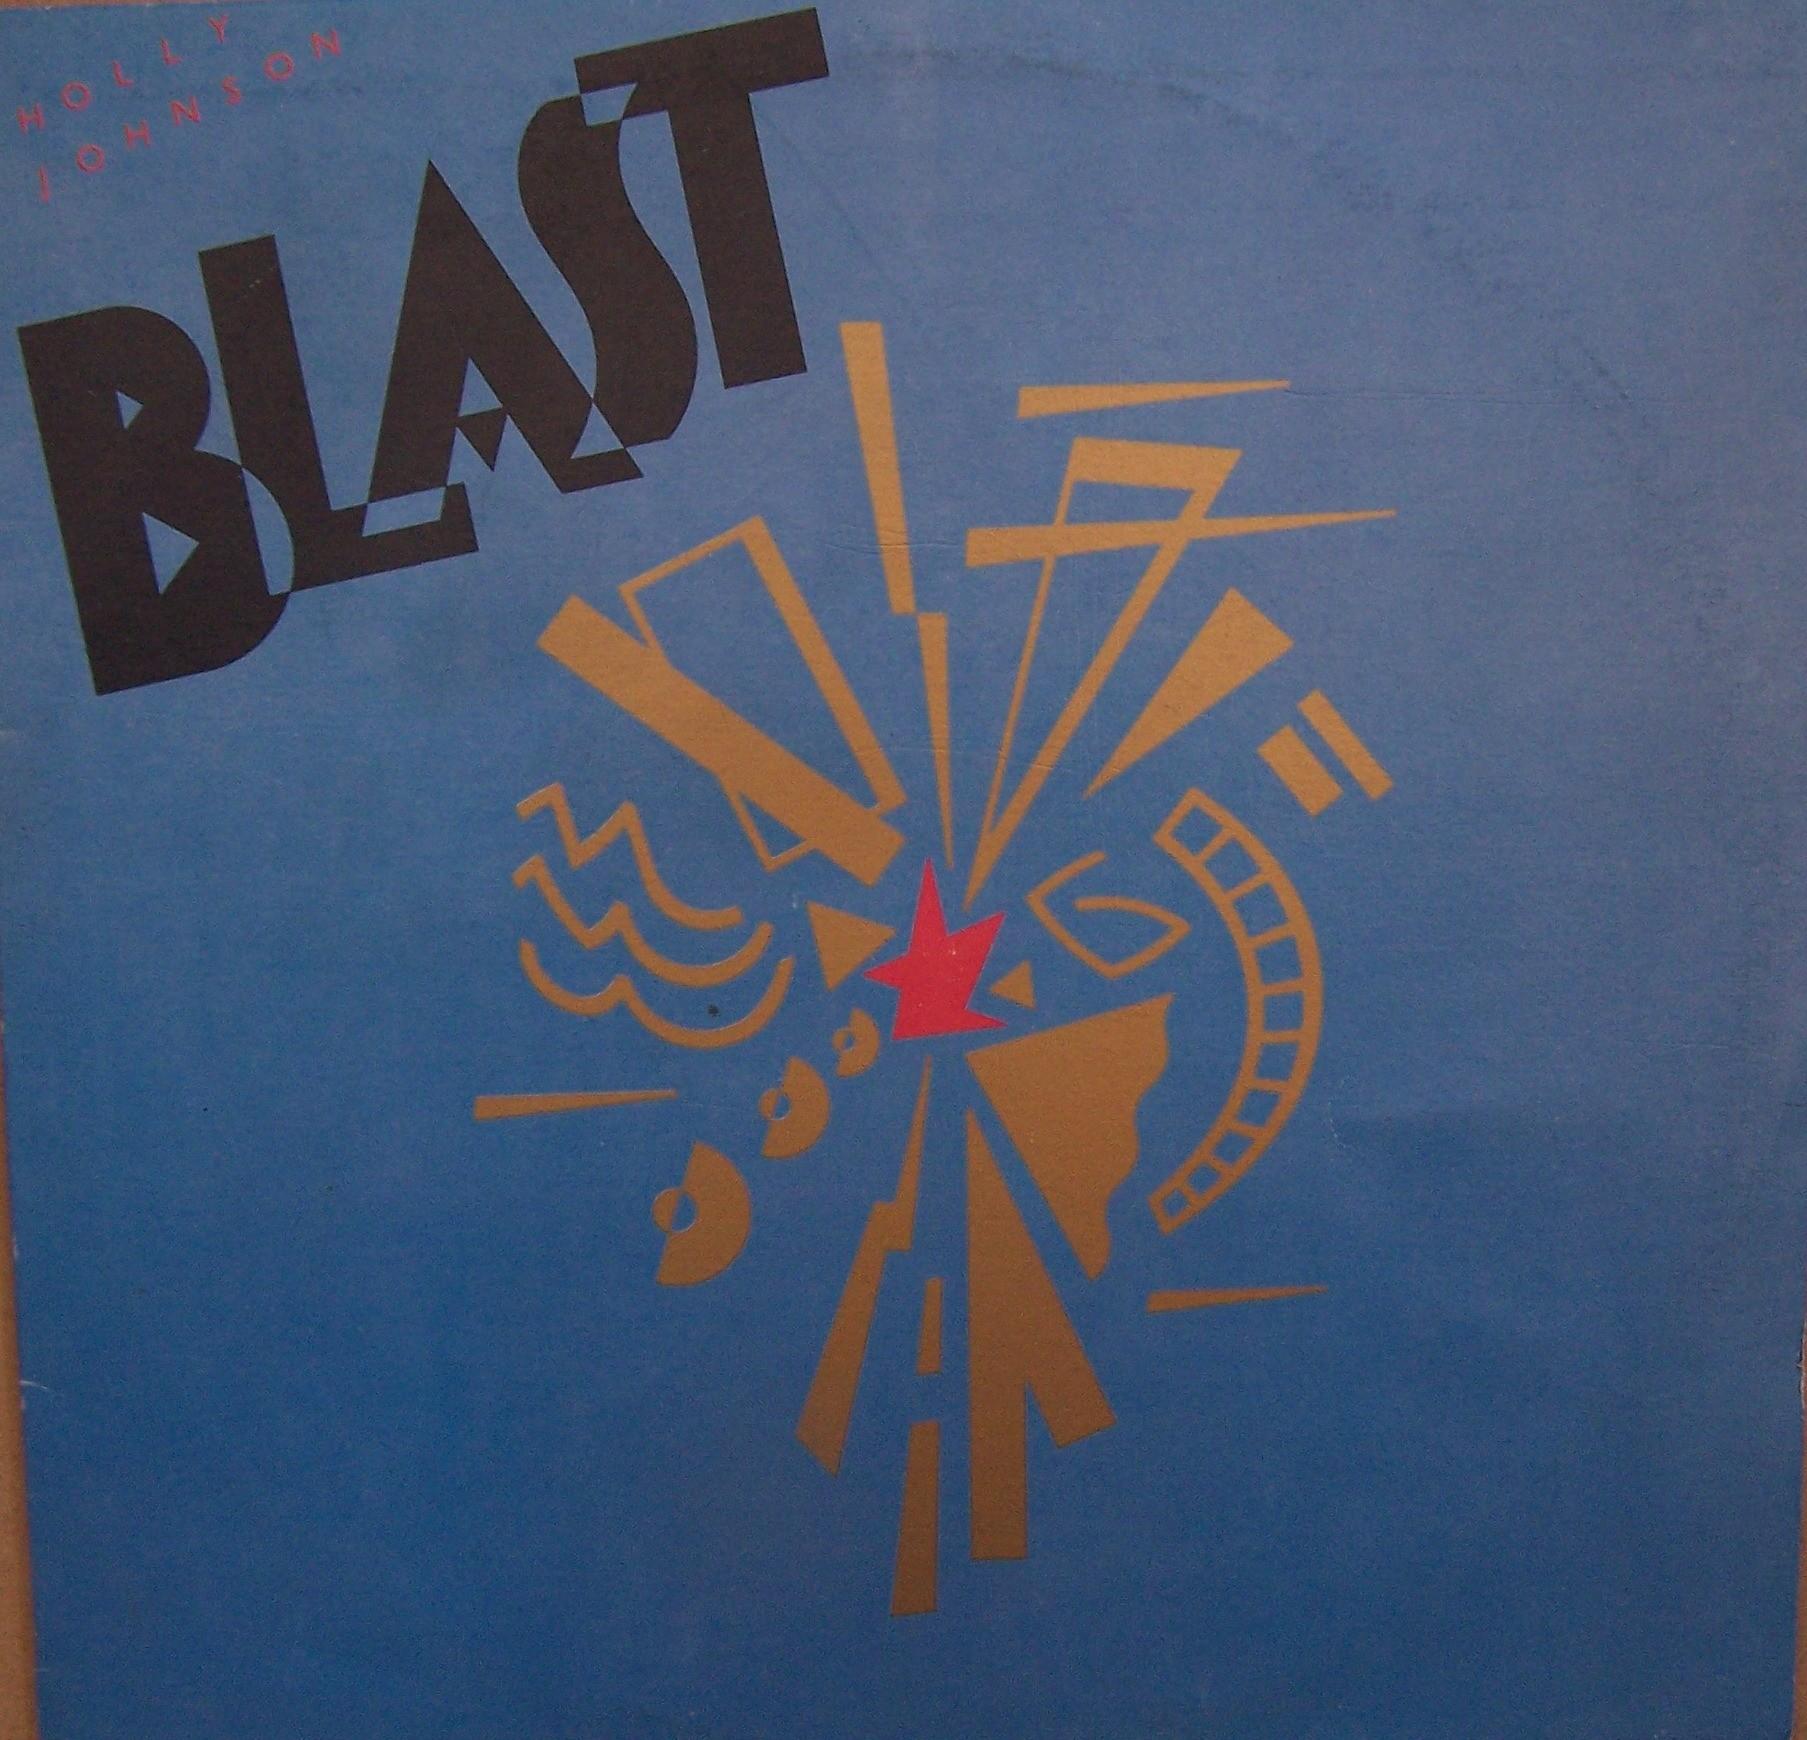 Johnson Holly - Blast